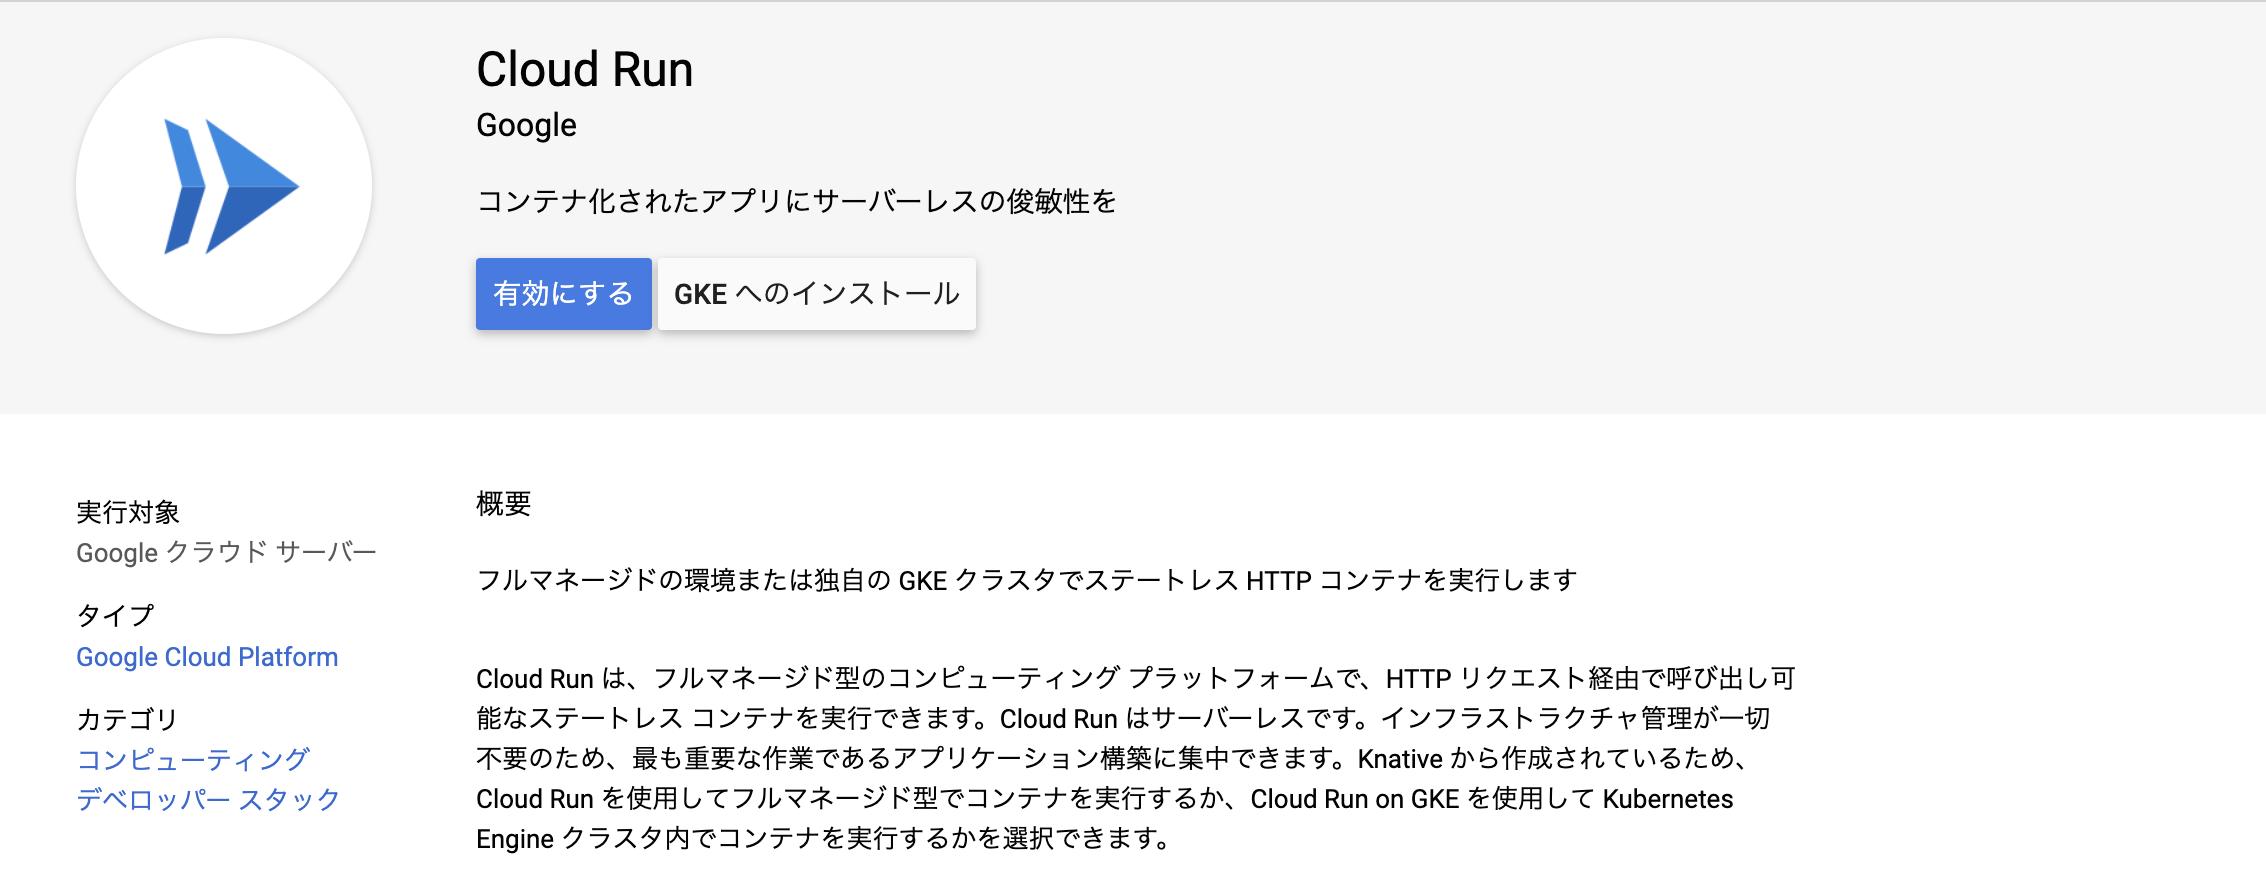 スクリーンショット 2019-04-05 17.54.02.png